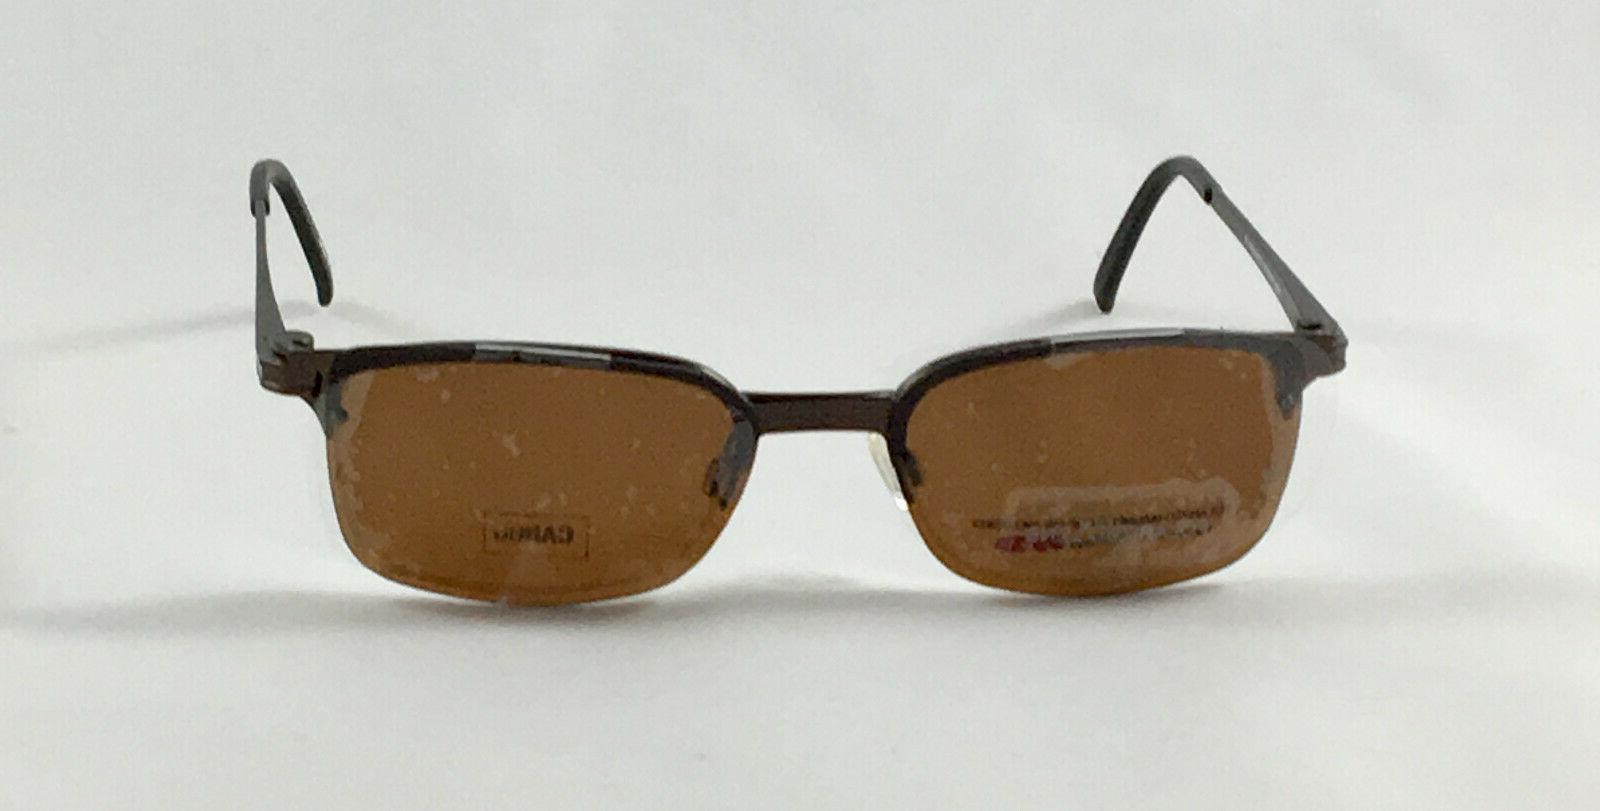 New 10 Men's Eyeglasses On Sunglasses 50-19-140